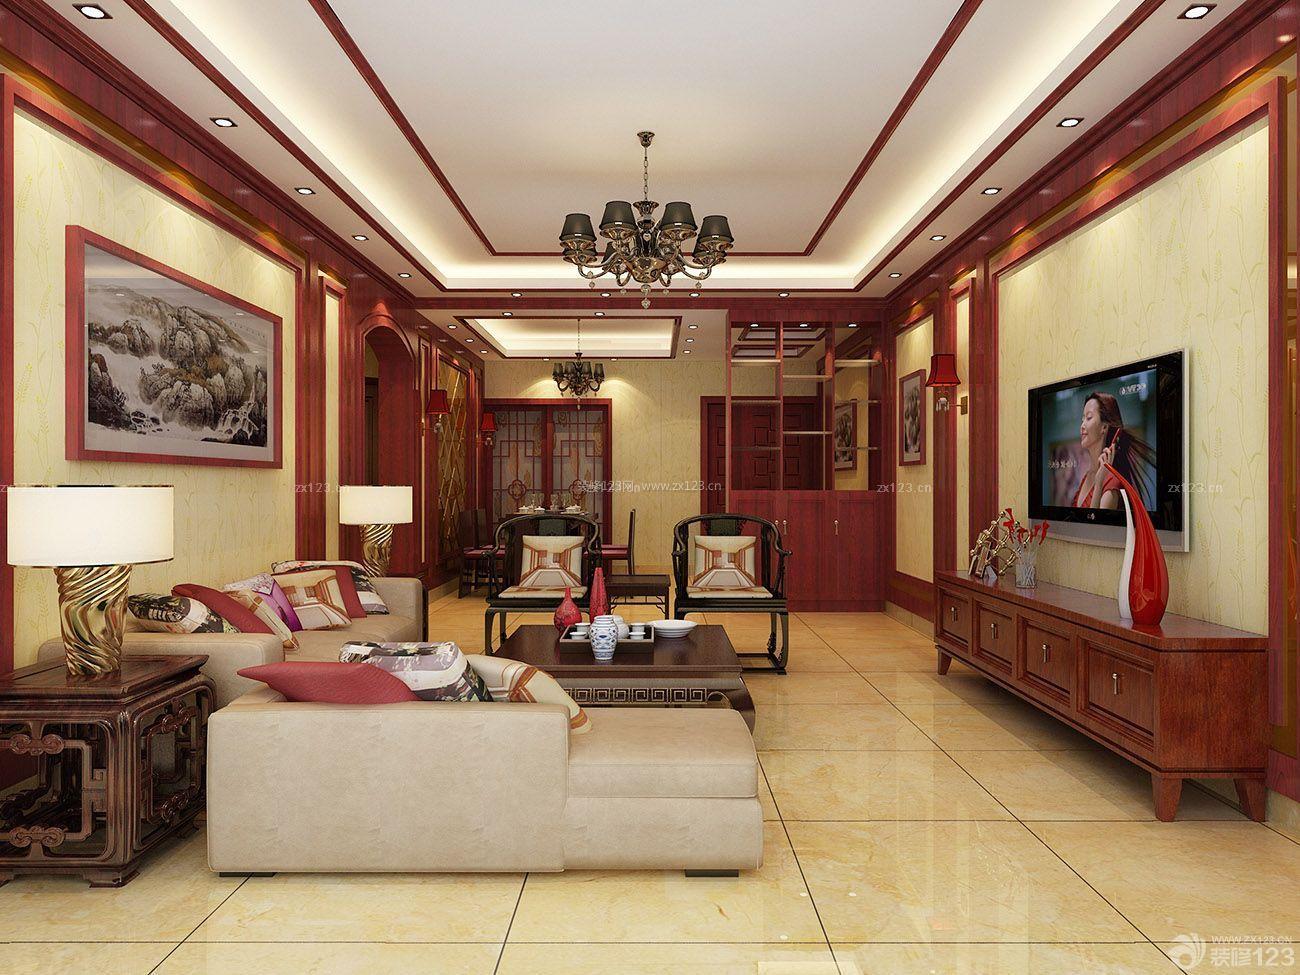 中式混搭家居房子客厅装修设计图片大全